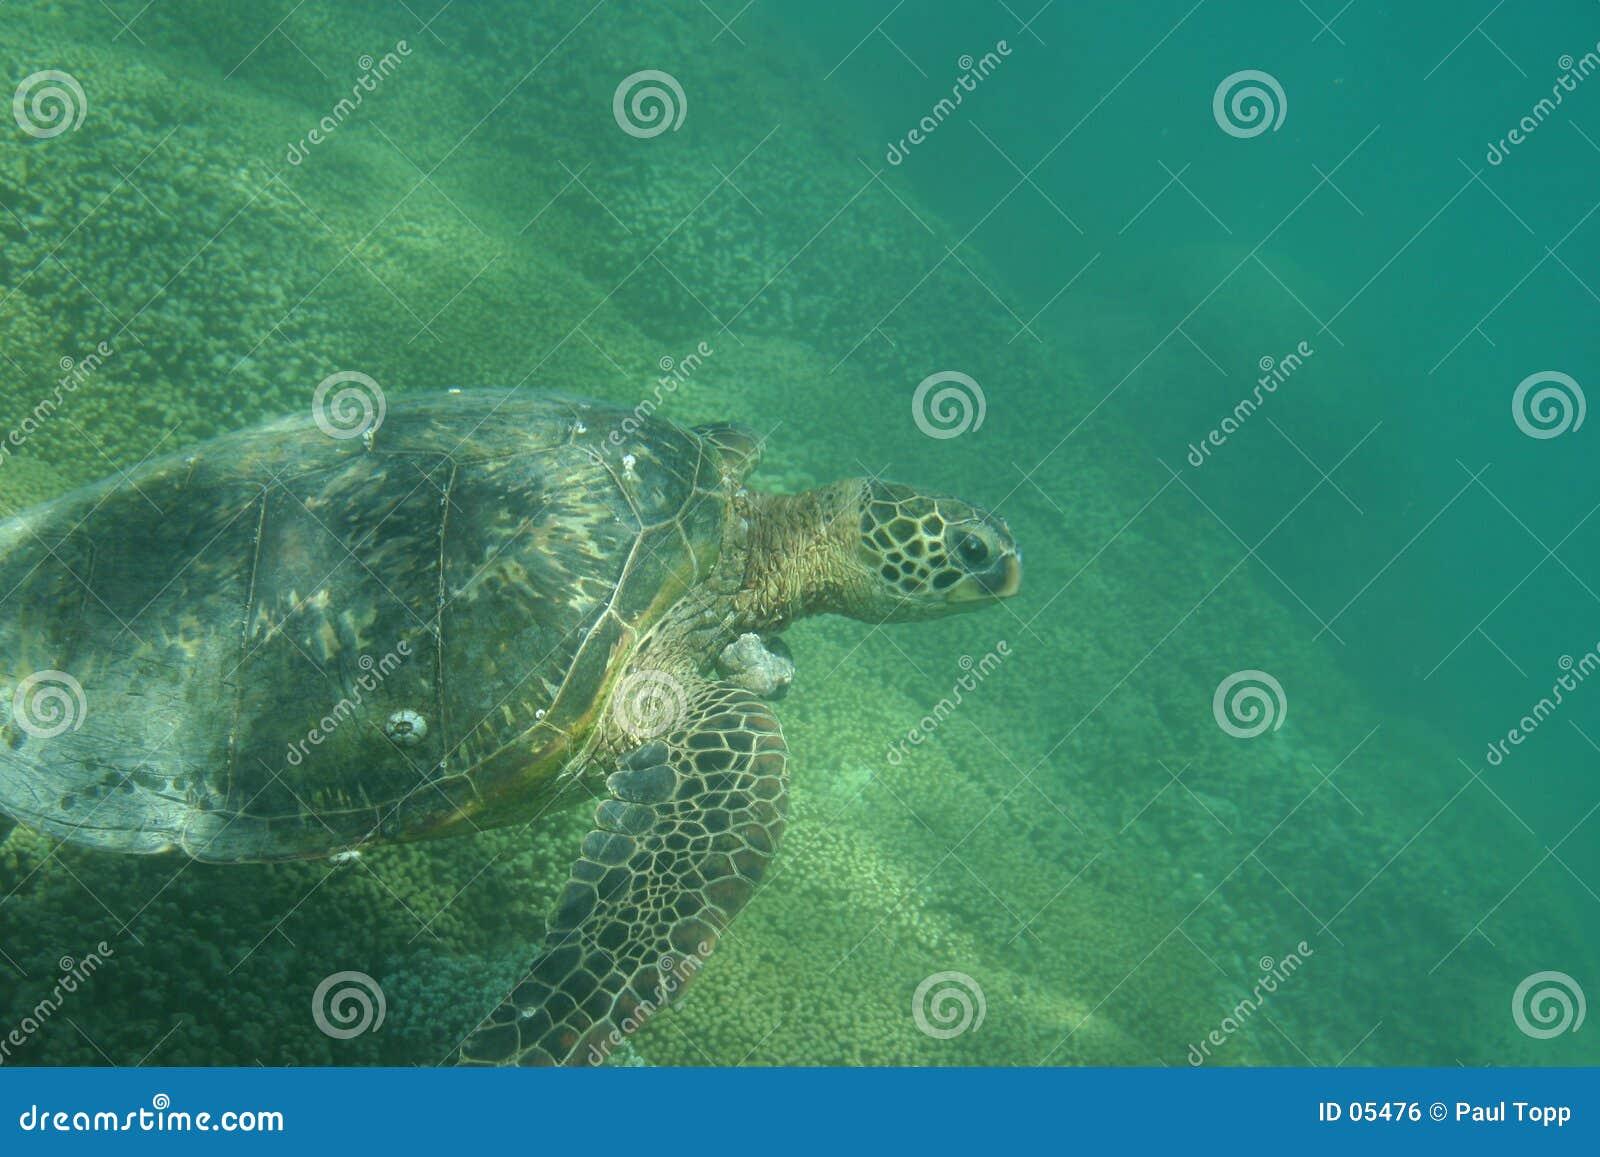 Hawaiische grünes Seeschildkröte